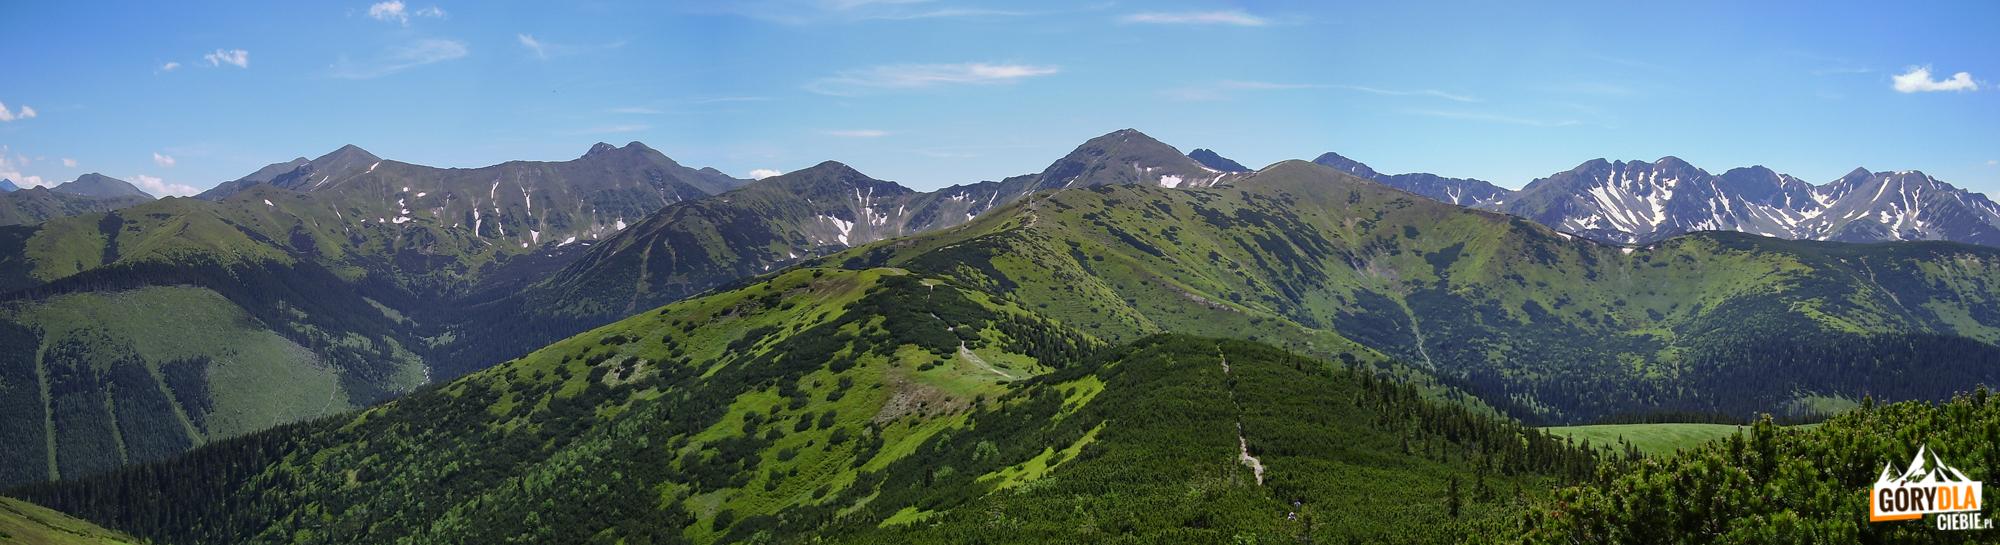 Panorama ze szczytu Grzesia (1653 m): główna grań Tatr Zachodnich, od Przełęczy Tomanowej przez Błyszcz (2159 m), Starorobociański Wierch (2176 m), Jarząbczy Wierch (2137 m), Wołowiec (2064 m) i grań Rohaczy po Banówkę (2178 m) i Salatyn (2048 m)